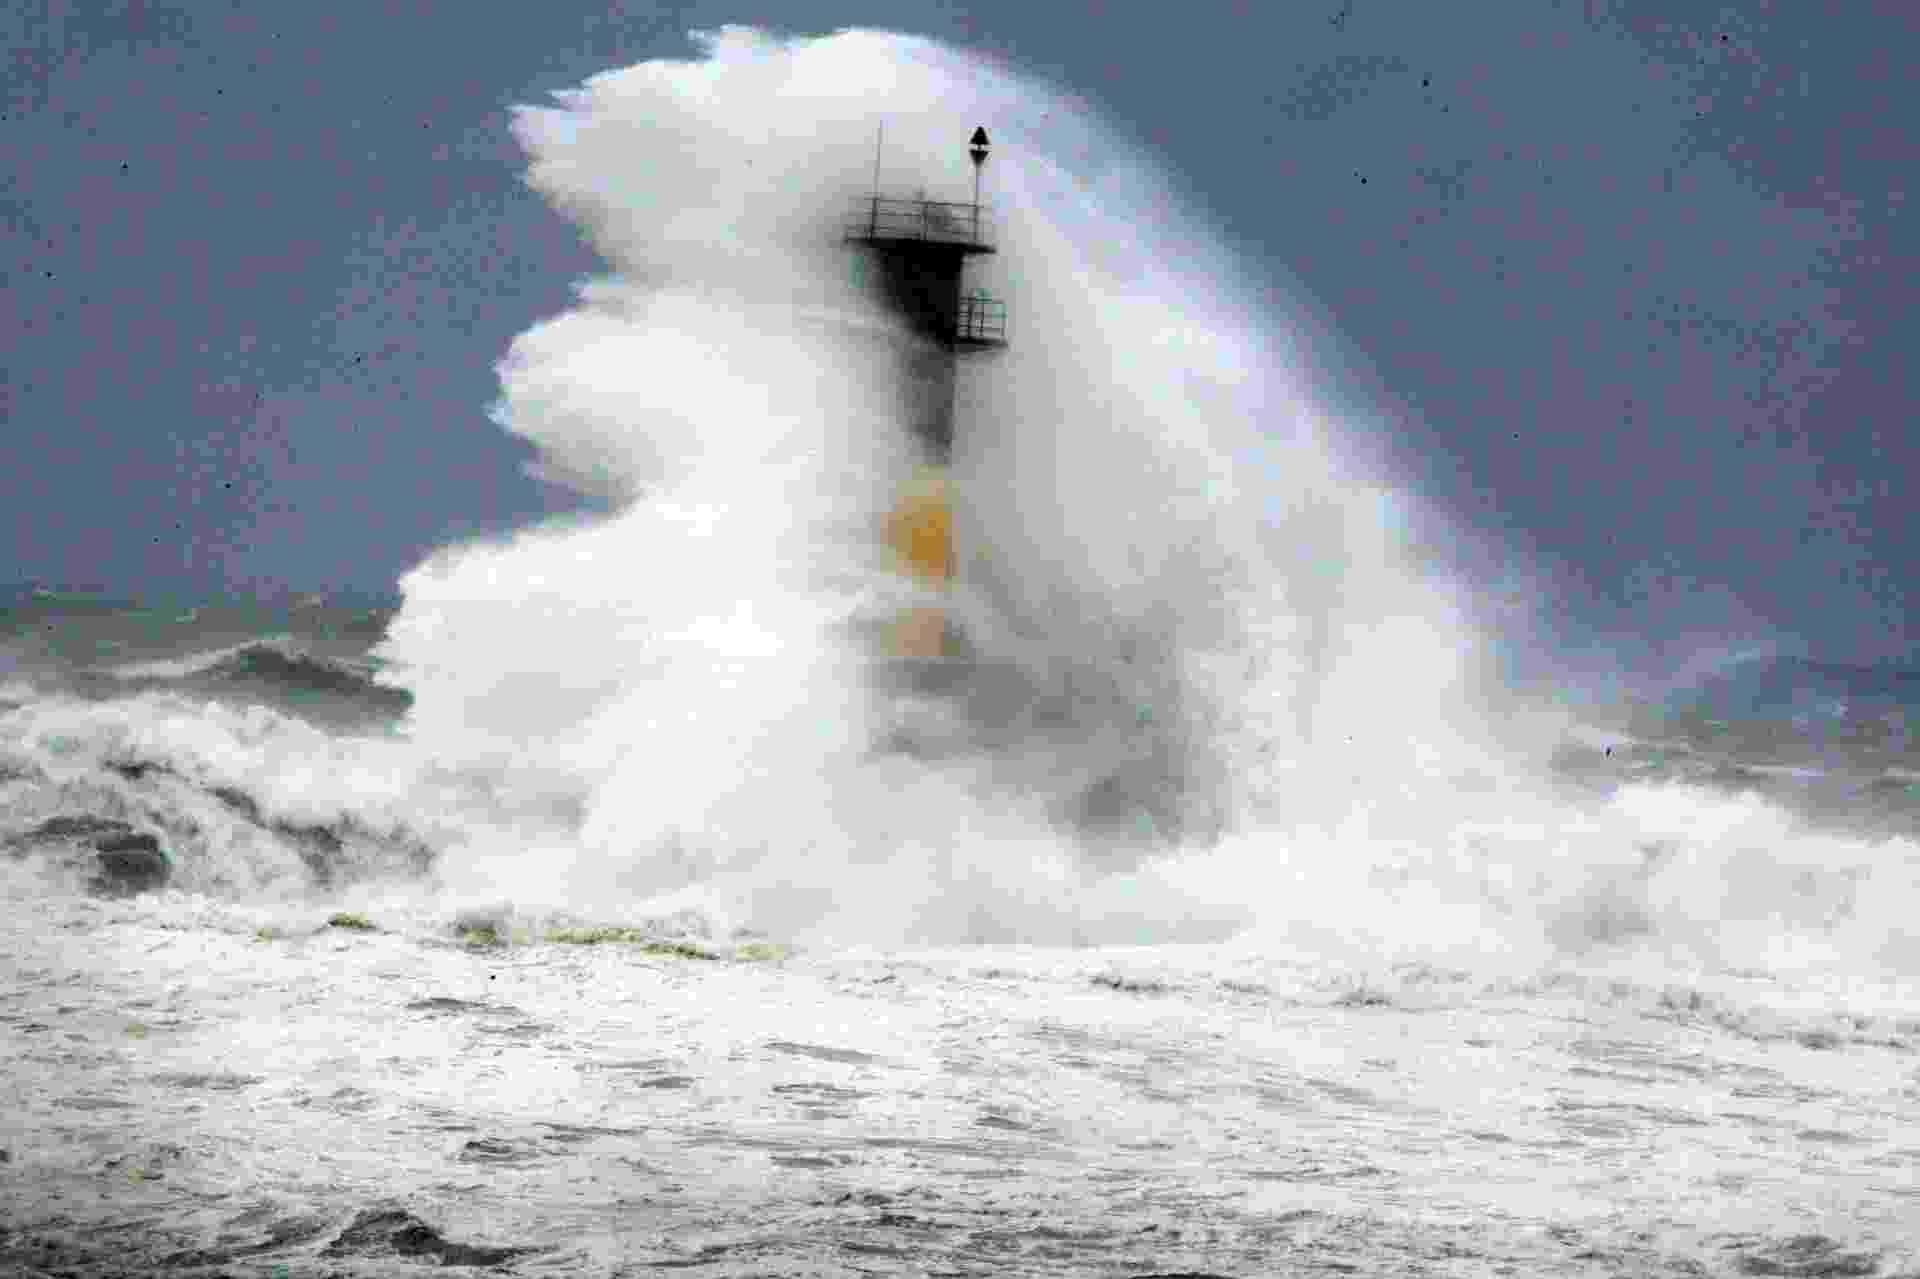 9.jul.2014 - Ondas provocadas pelo tufão Neoguri atingem farol em Seogwipo, na ilha de Jeju (extremo sul da Coreia do Sul), nesta quarta-feira (9). A Administração Meteorológica Regional de Jeju renovou o nível de alerta de tufão, conforme a aproximação do tufão Neoguri. A tempestade perdeu parte da força nas últimas horas, mas mantem-se intenso, com rajadas de mais de 250 km/h - Ko Sung-sik/Yonhap/Reuters